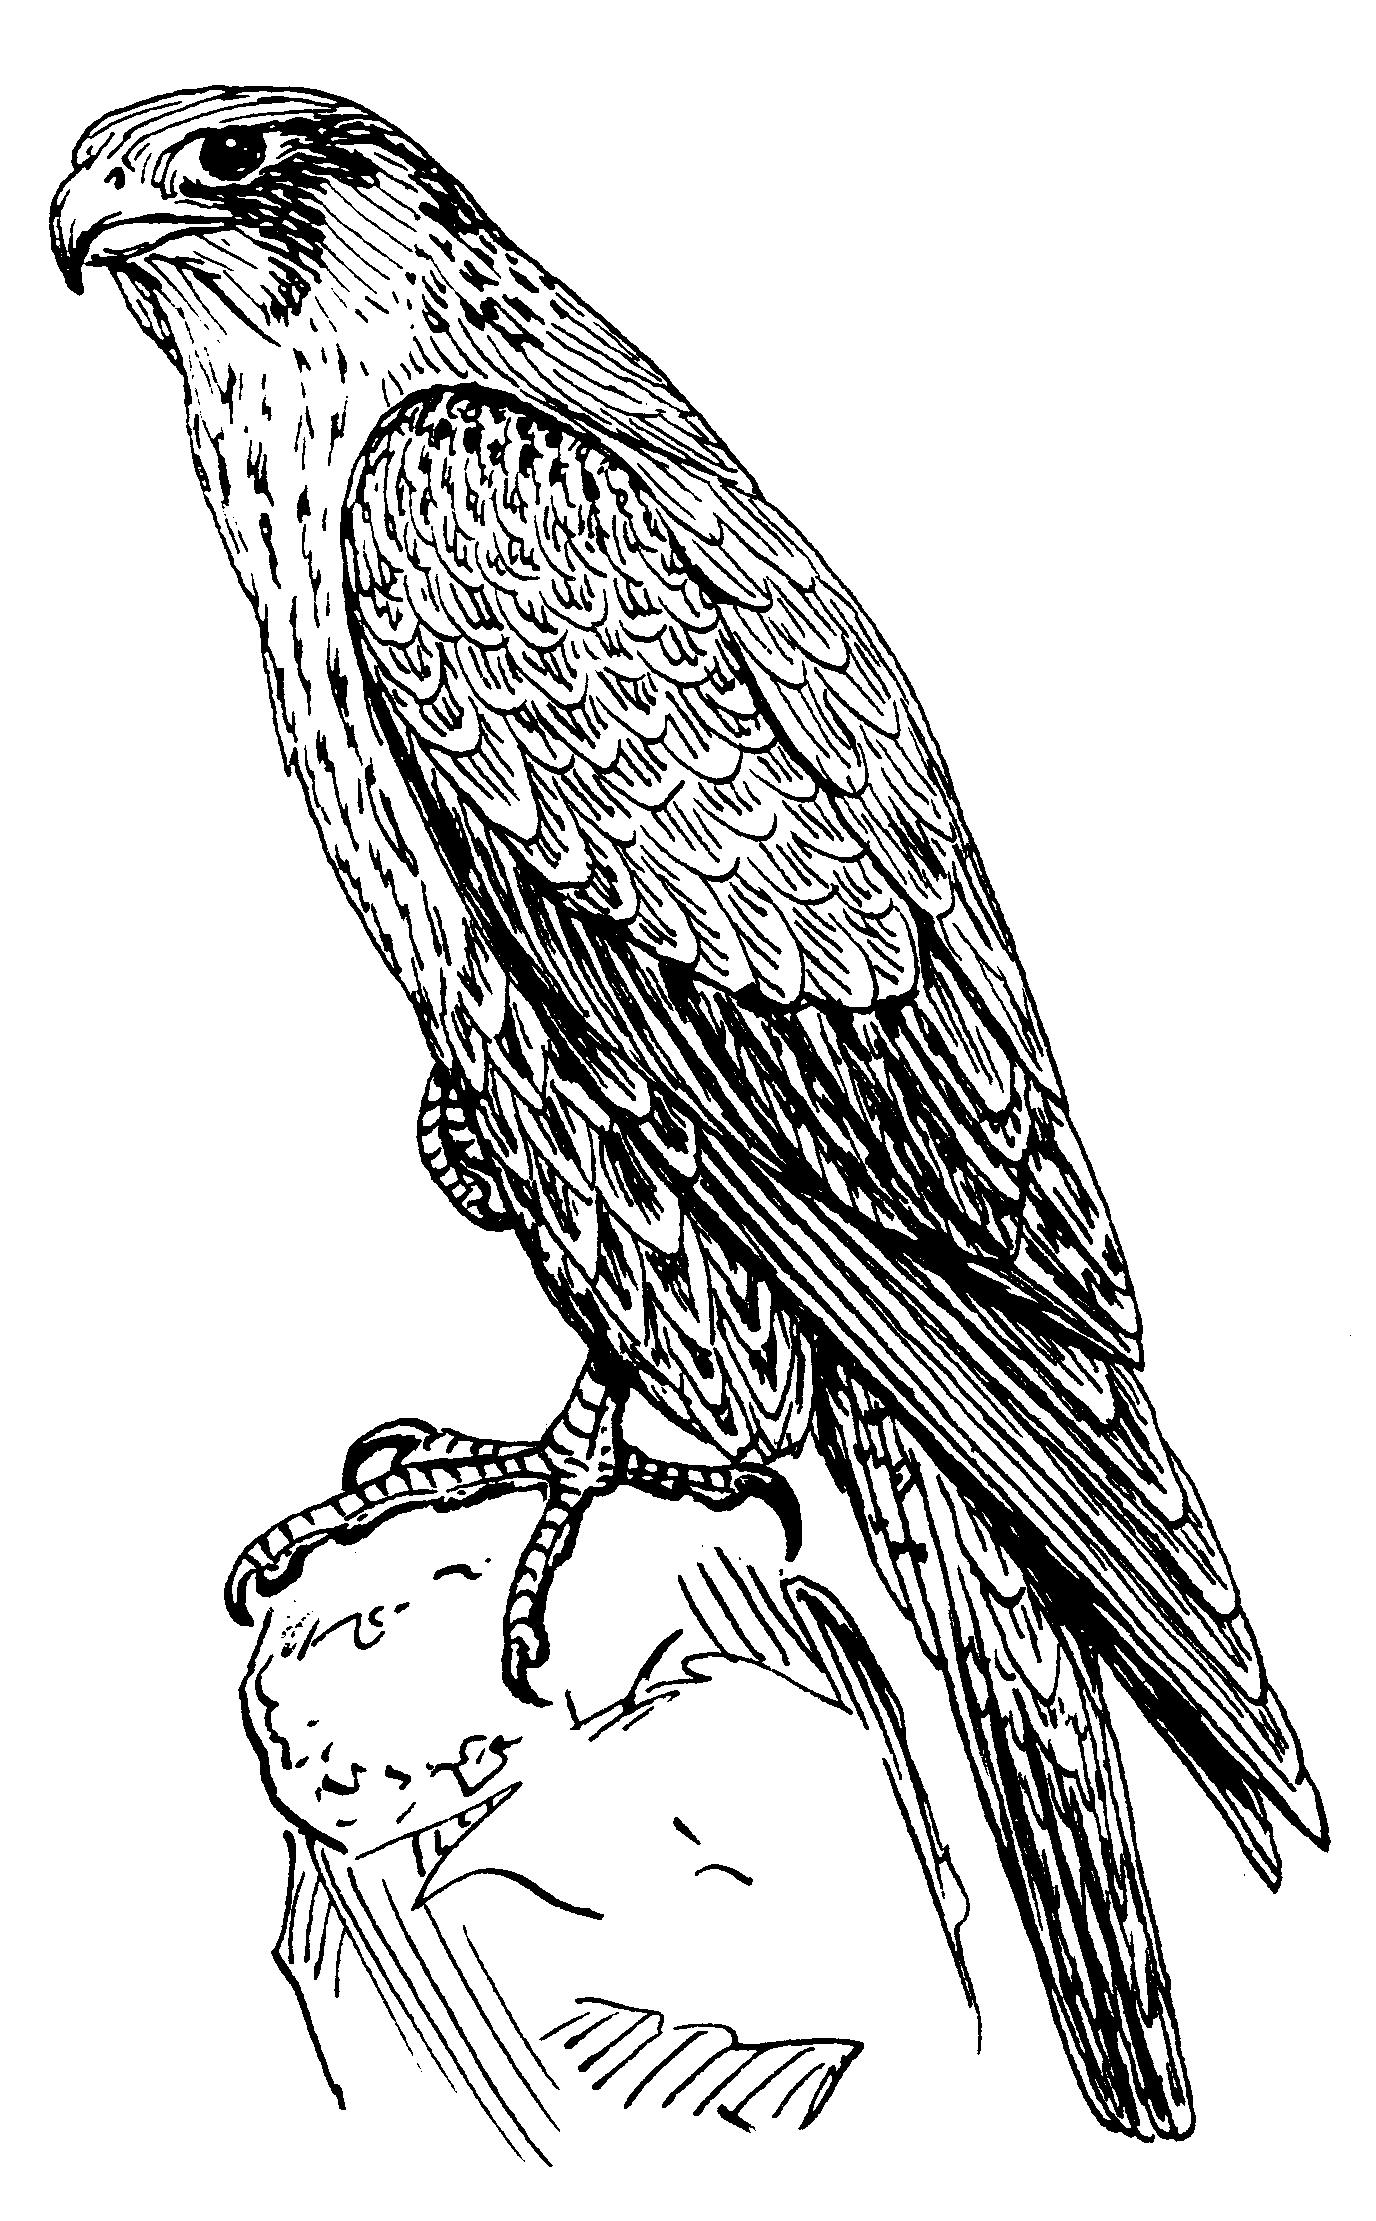 Dead clipart falcon Peregrine falcon Drawings File:Peregrine File:Peregrine